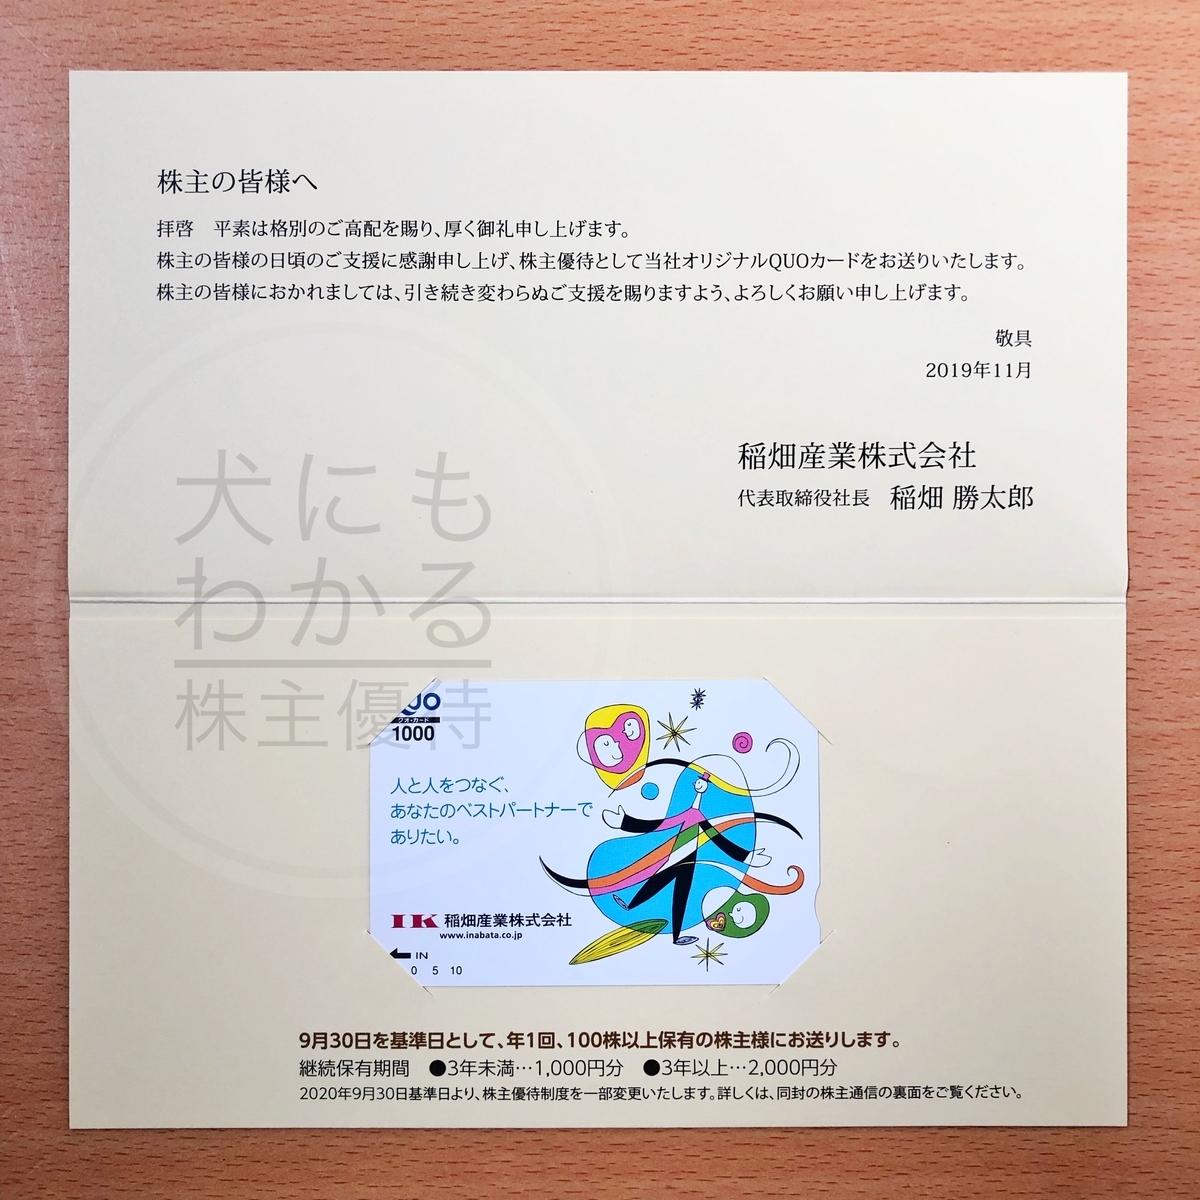 稲畑産業株式会社 株主優待品